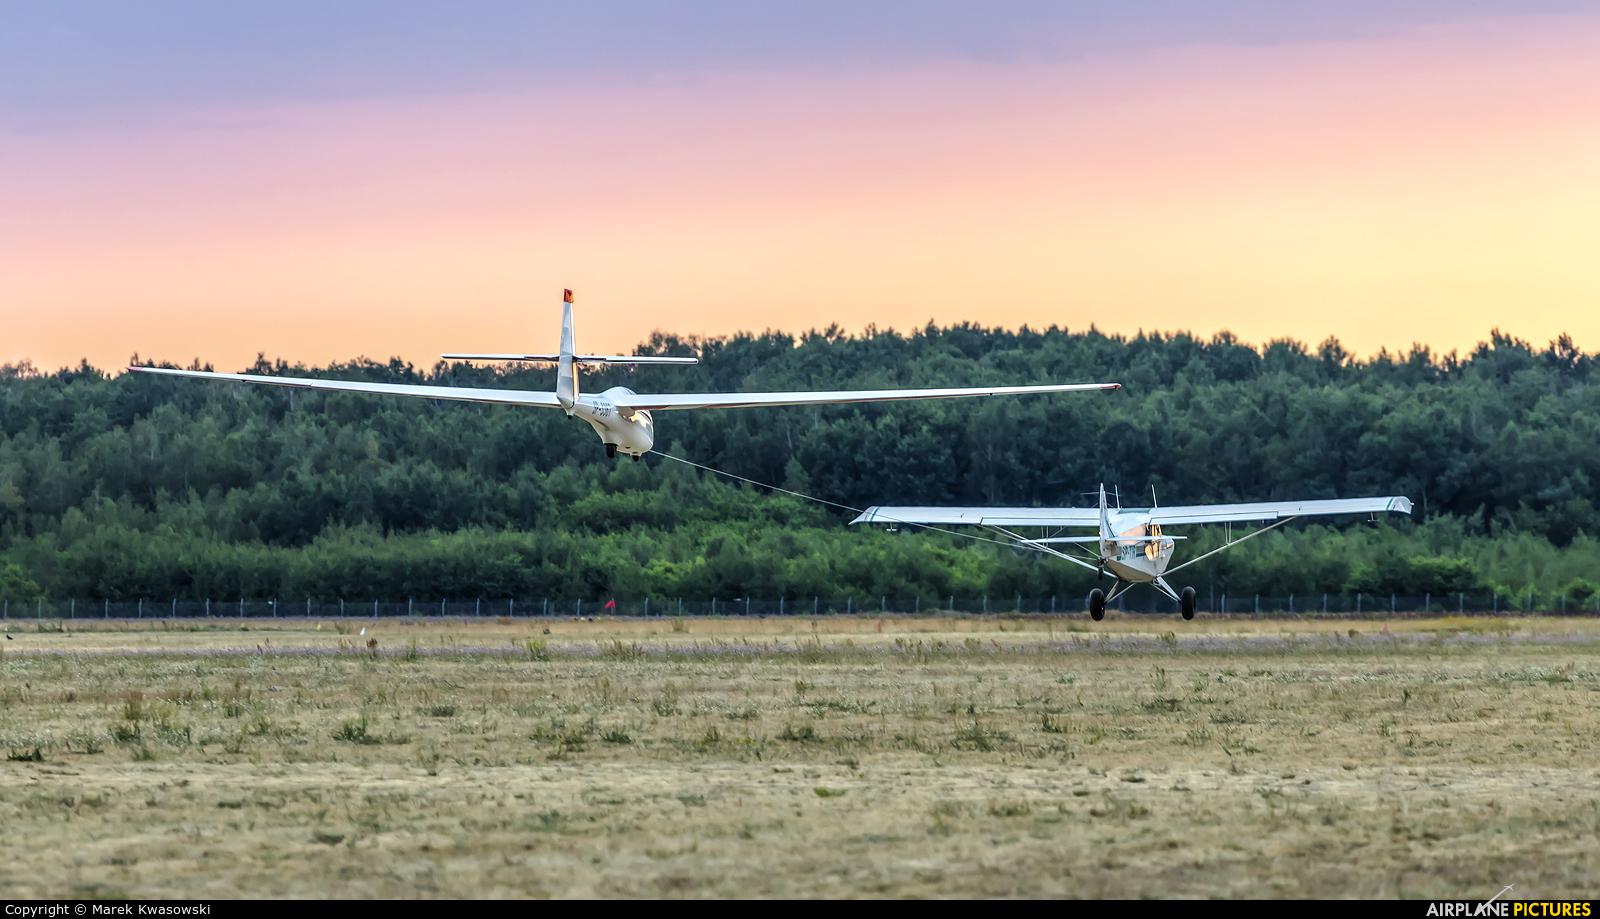 Aeroklub Warszawski SP-3367 aircraft at Warsaw - Babice